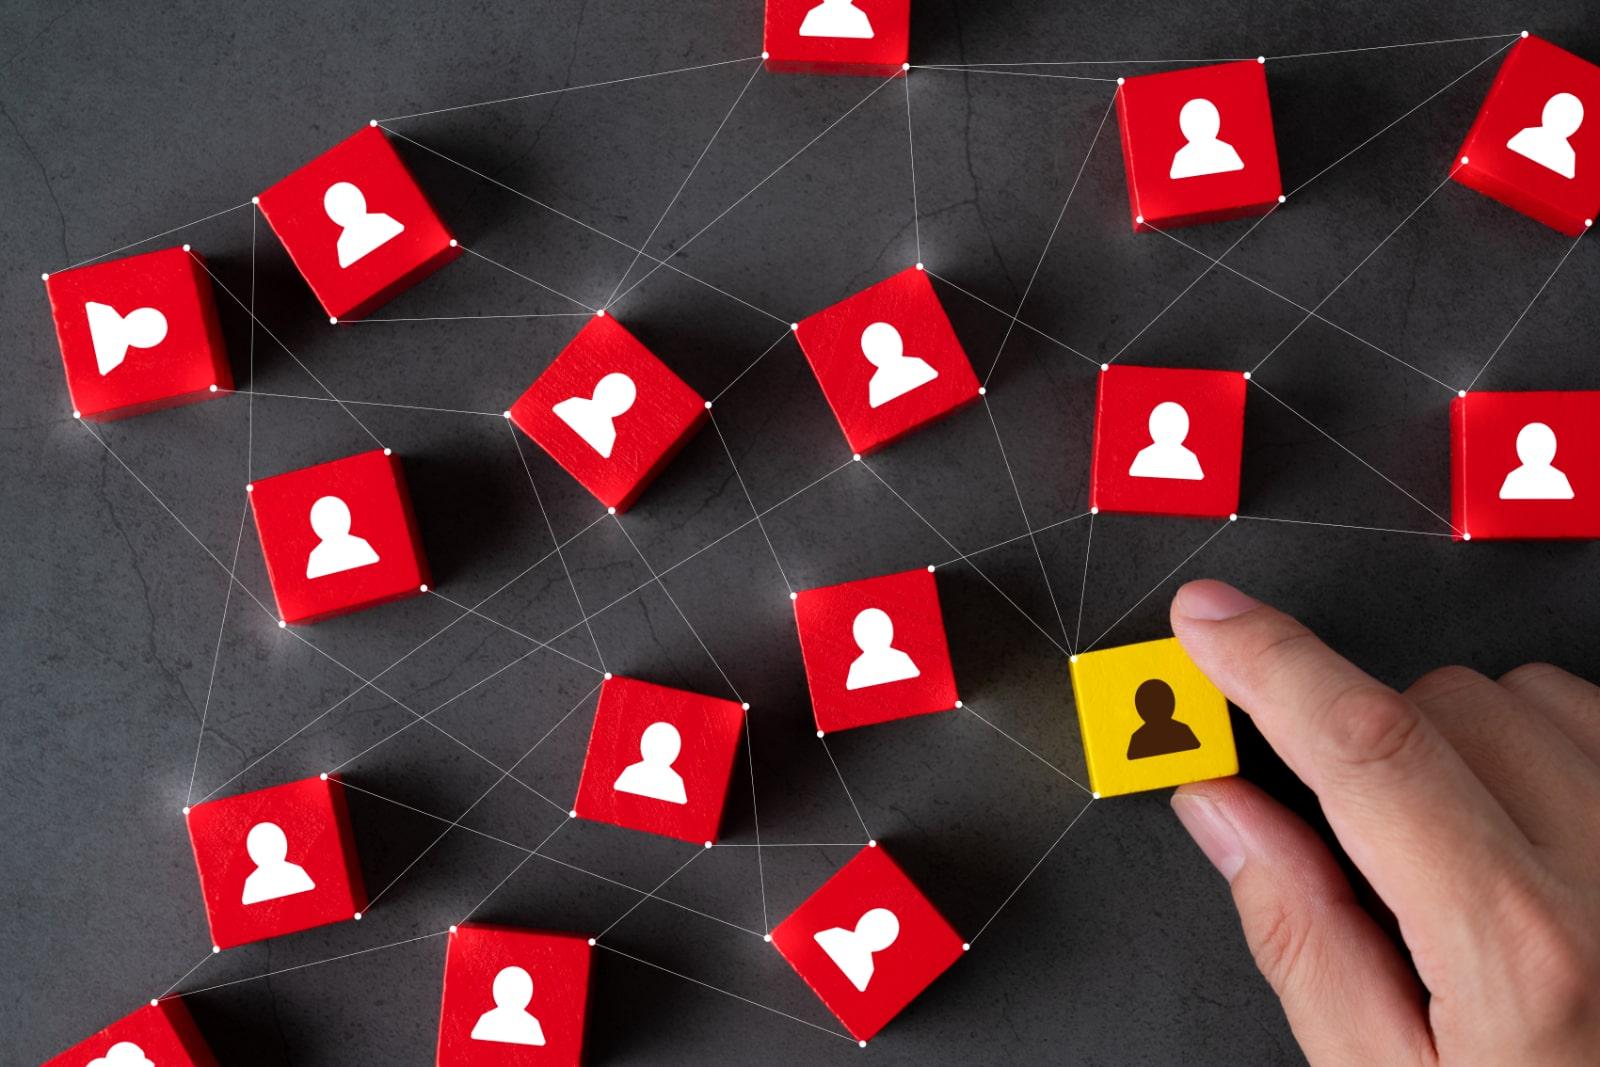 中小企業におけるマーケティング人材育成の課題